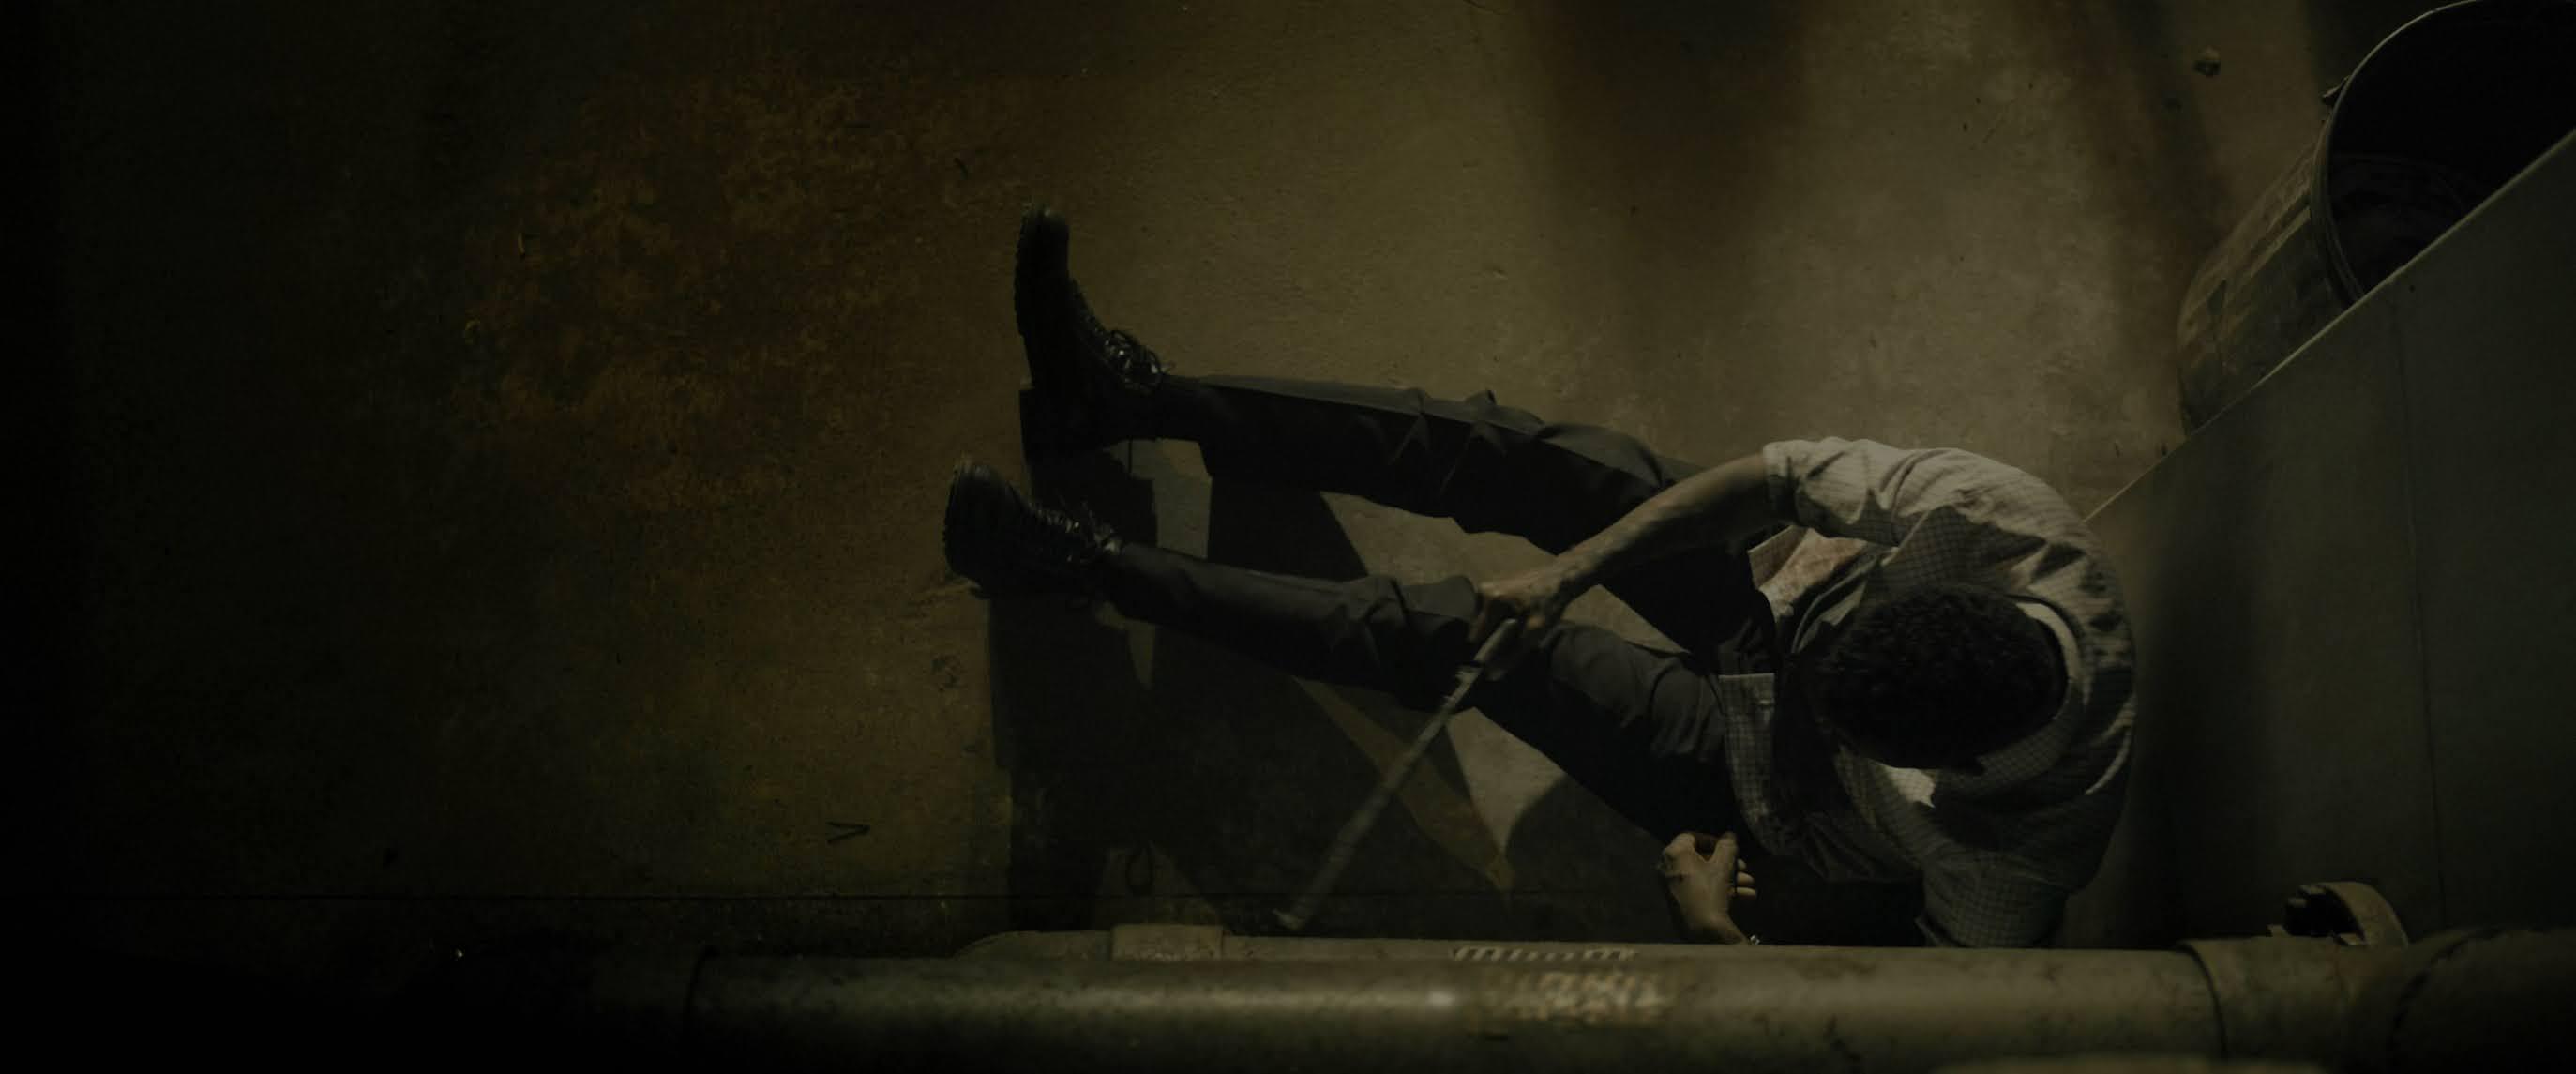 Espiral: El juego del miedo continúa (2021) 4K WEB-DL HDR Latino